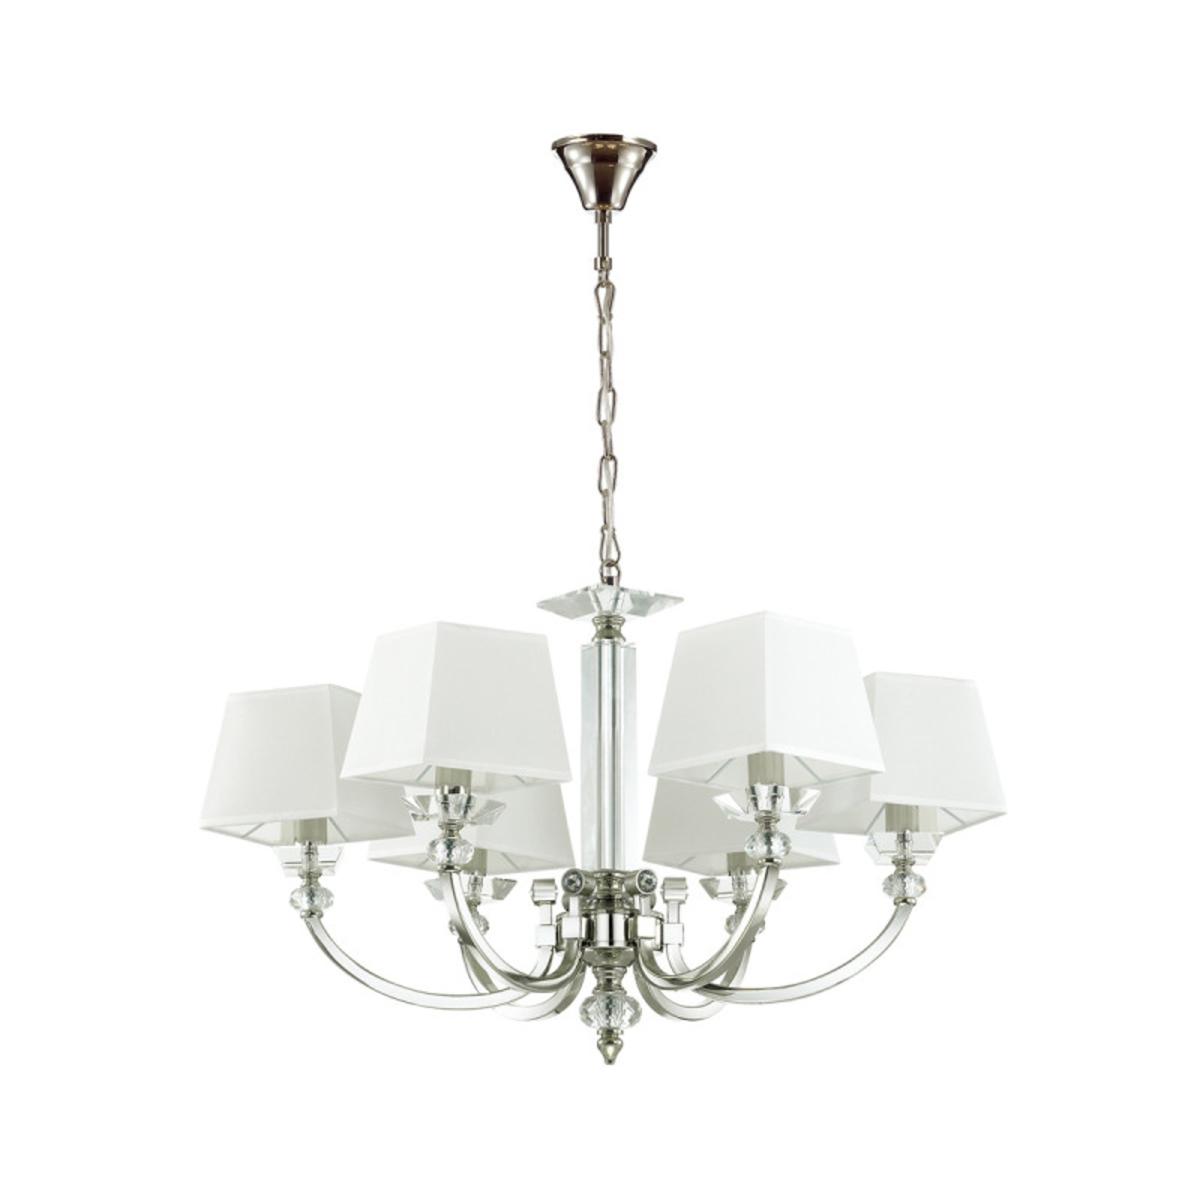 Купить Подвесная люстра CHESTER Подвесная люстра Odeon Light 4183/6 (15492), HomeMe